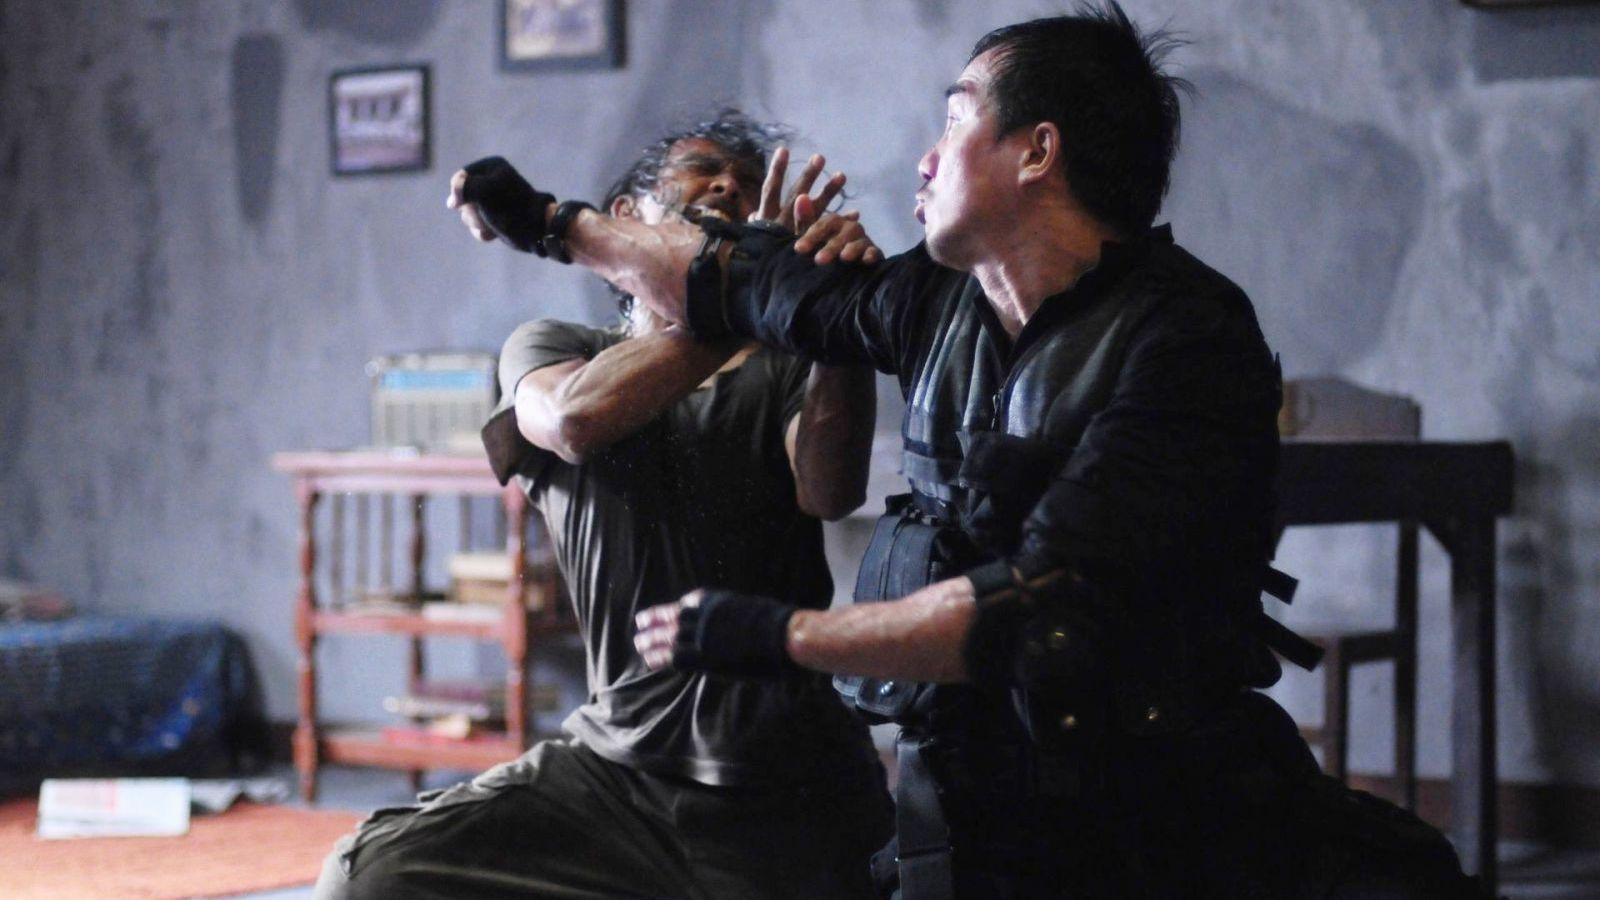 Blu-Ray Review: The Raid